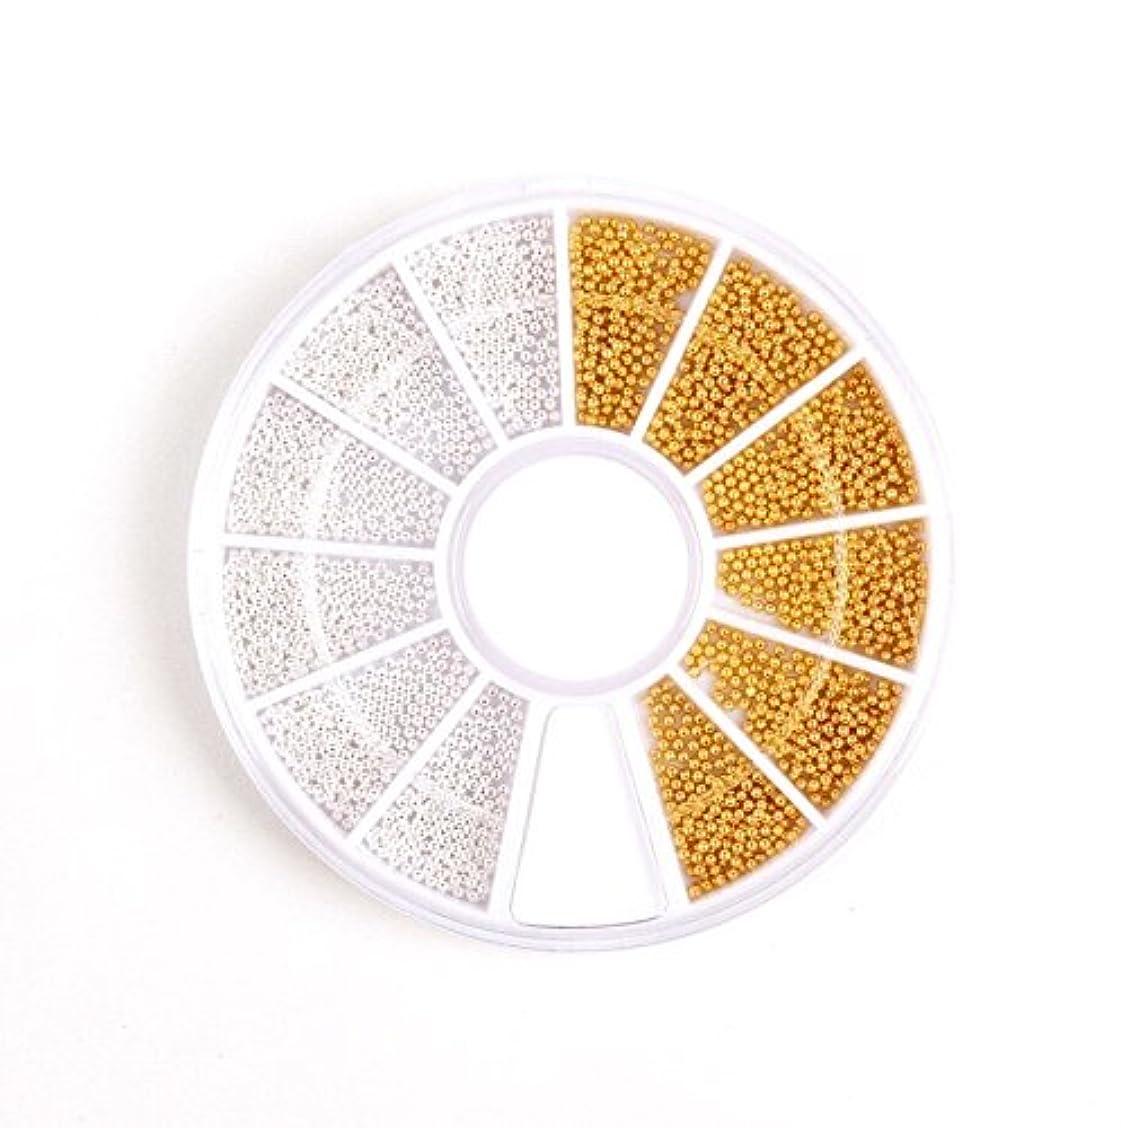 ラッドヤードキップリング香水頭【ネイルウーマン】ブリオン 2色セット (ゴールド&シルバー) レジン ケース付き